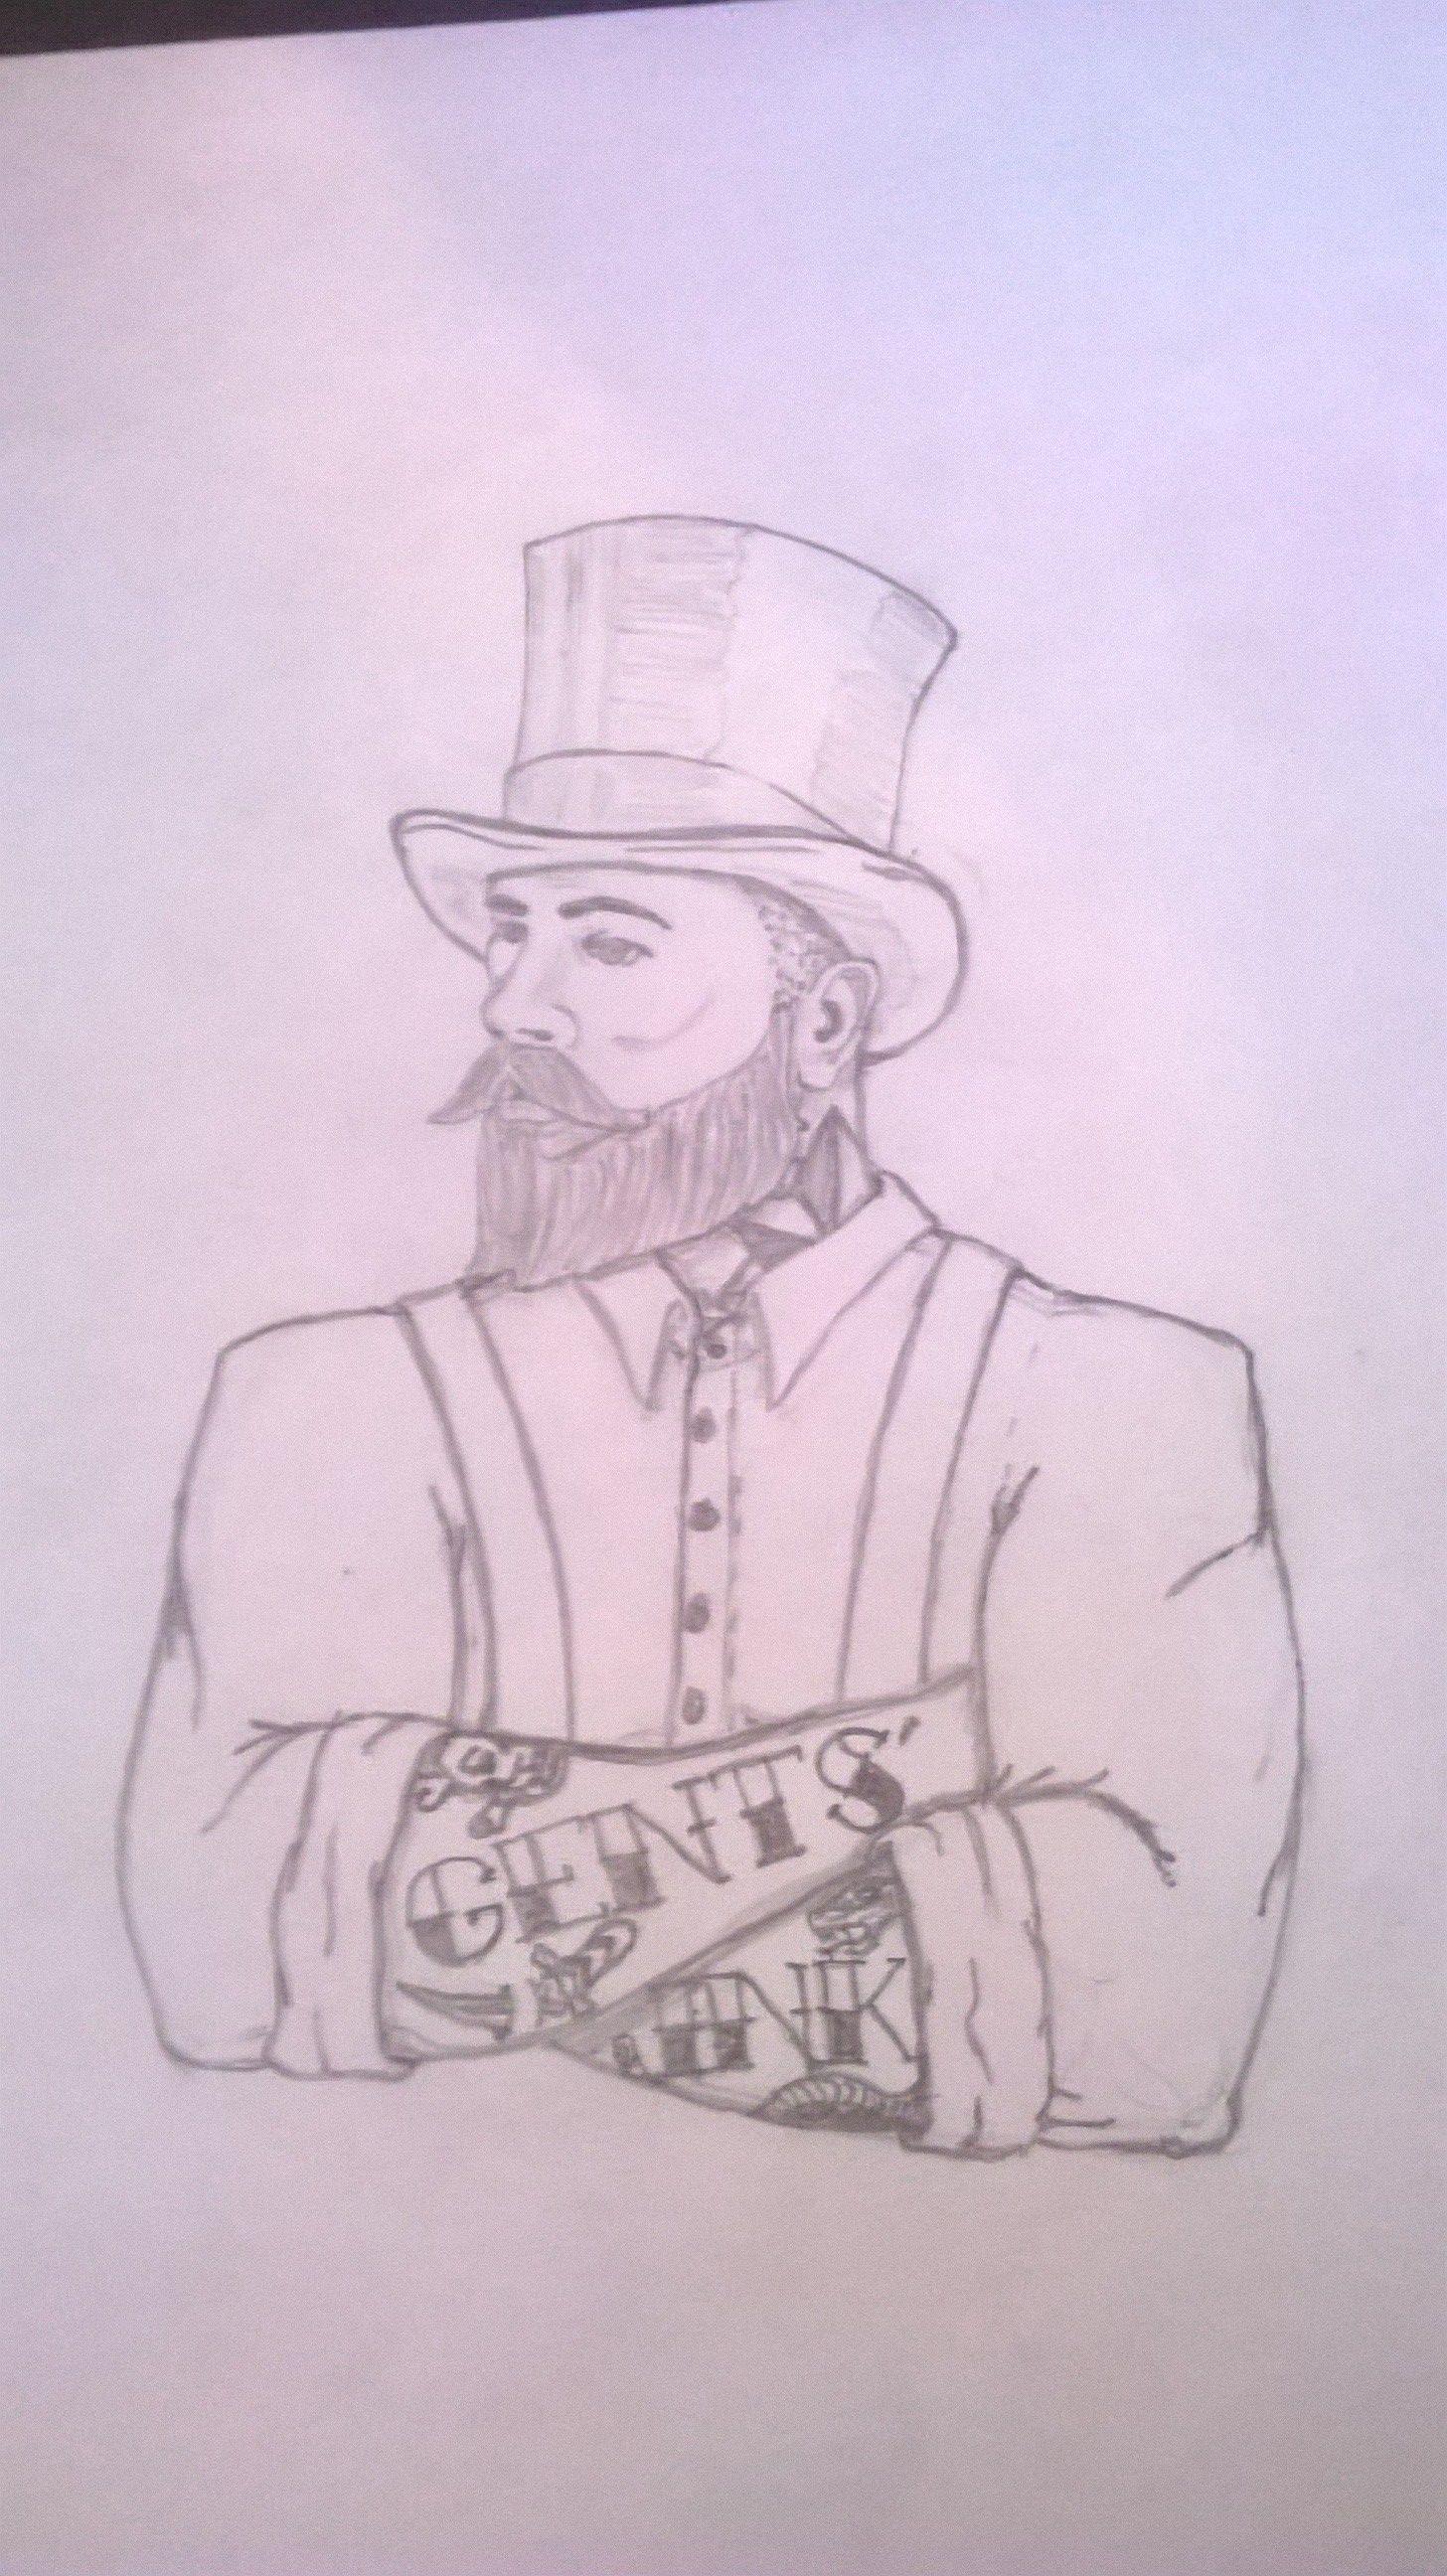 Gents' Ink